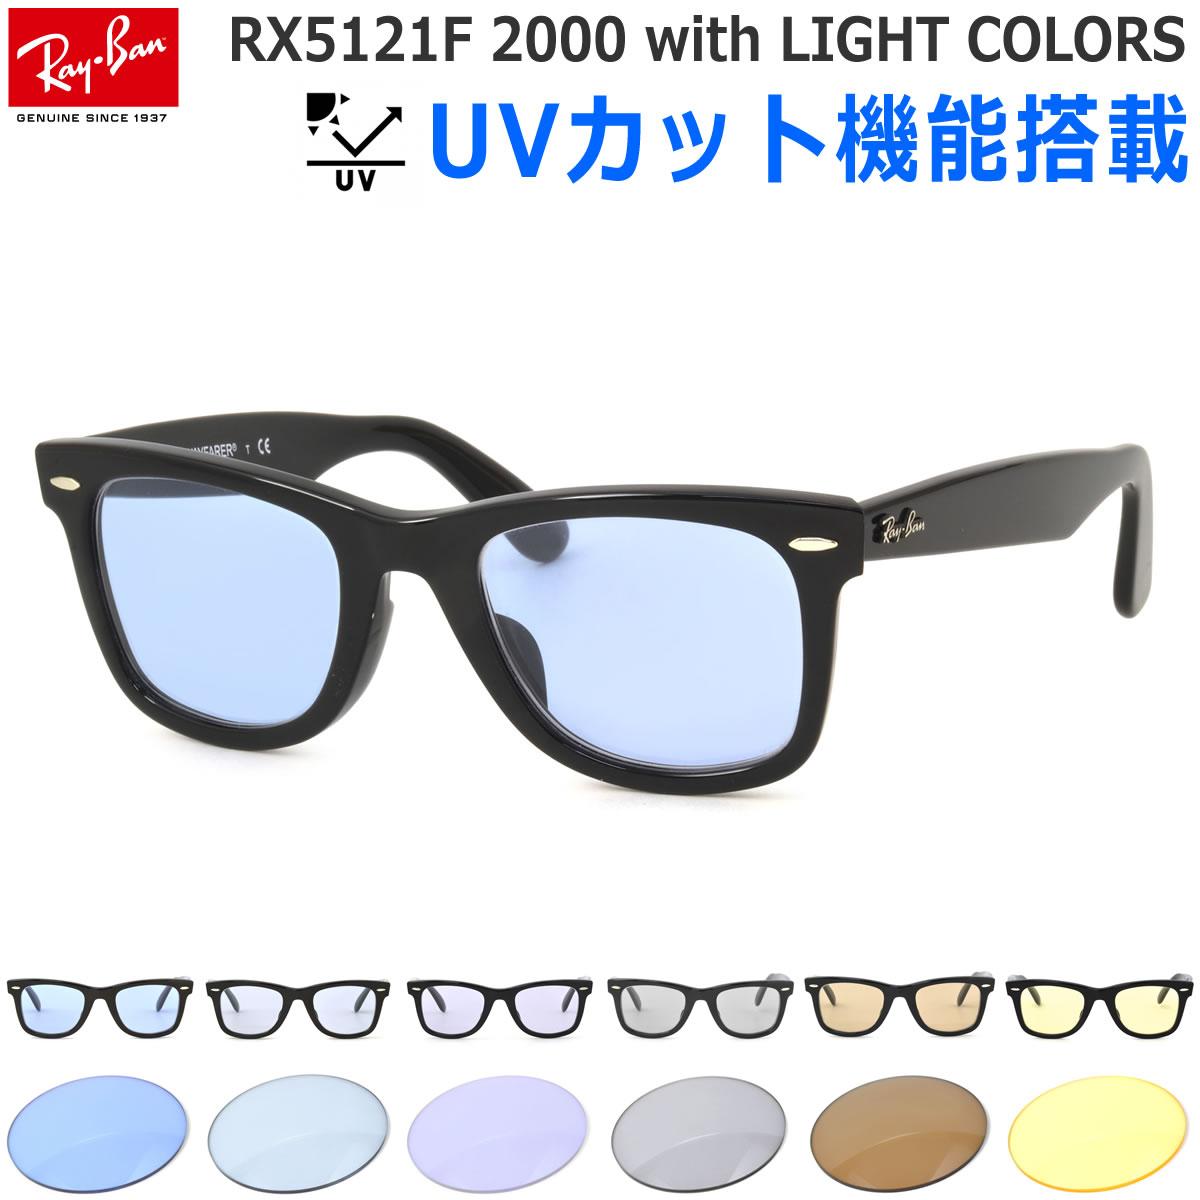 レイバン 眼鏡 サングラス ライトカラー Ray-Ban UVカット付き ライトブルー RX5121F 2000 50サイズ レイバン RAYBAN ウェイファーラー WAYFARER 伊達メガネ ブルーレンズ 紫外線カット あす楽対応 フルフィット メンズ レディース [OS]